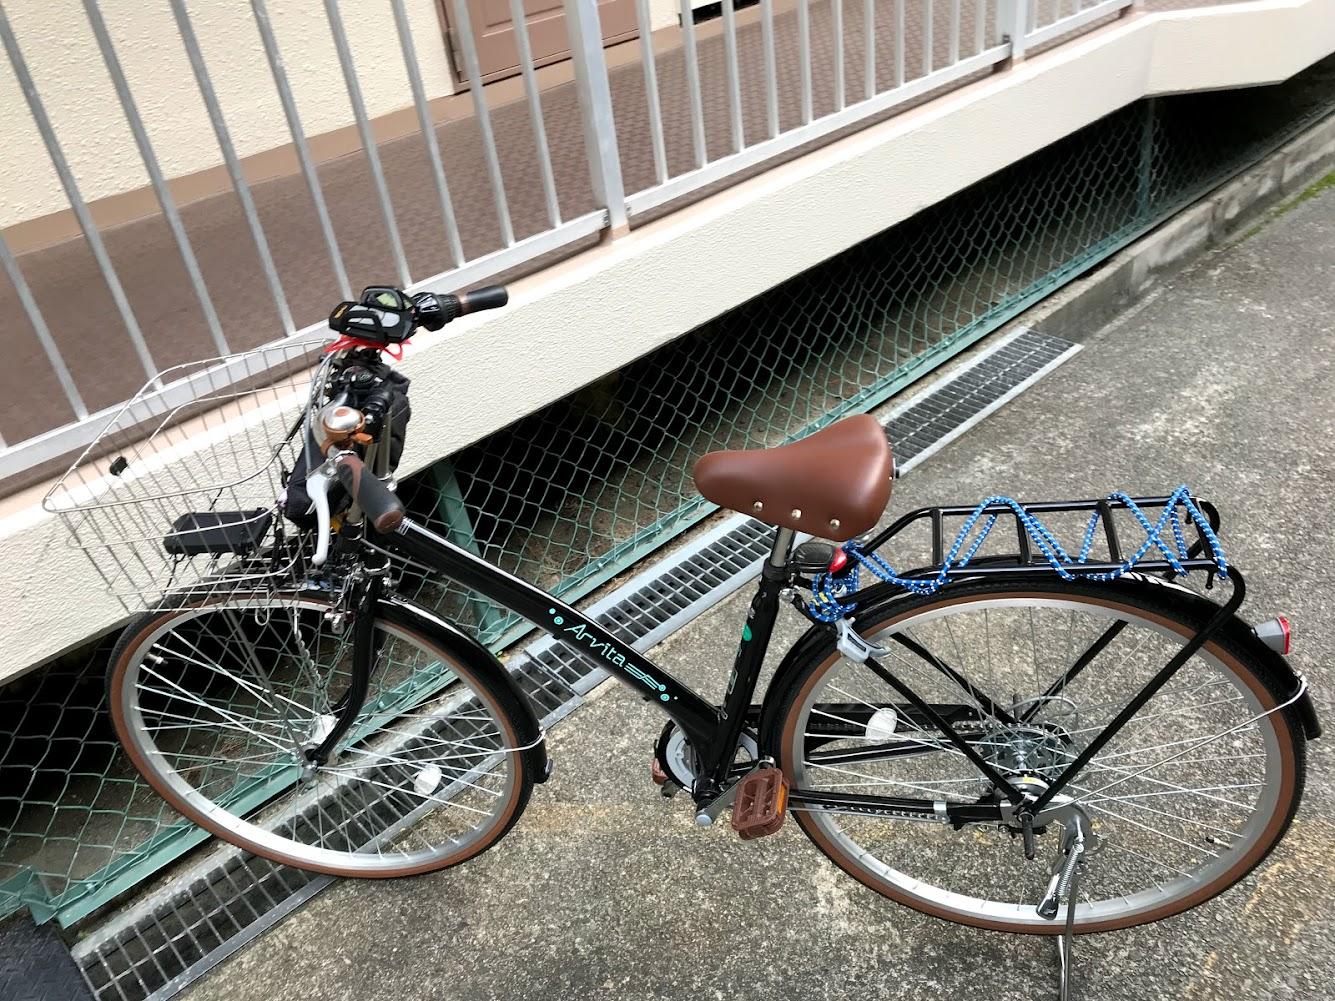 cymaで自転車購入してみた!購入、受取から乗り心地までをレビュー!!